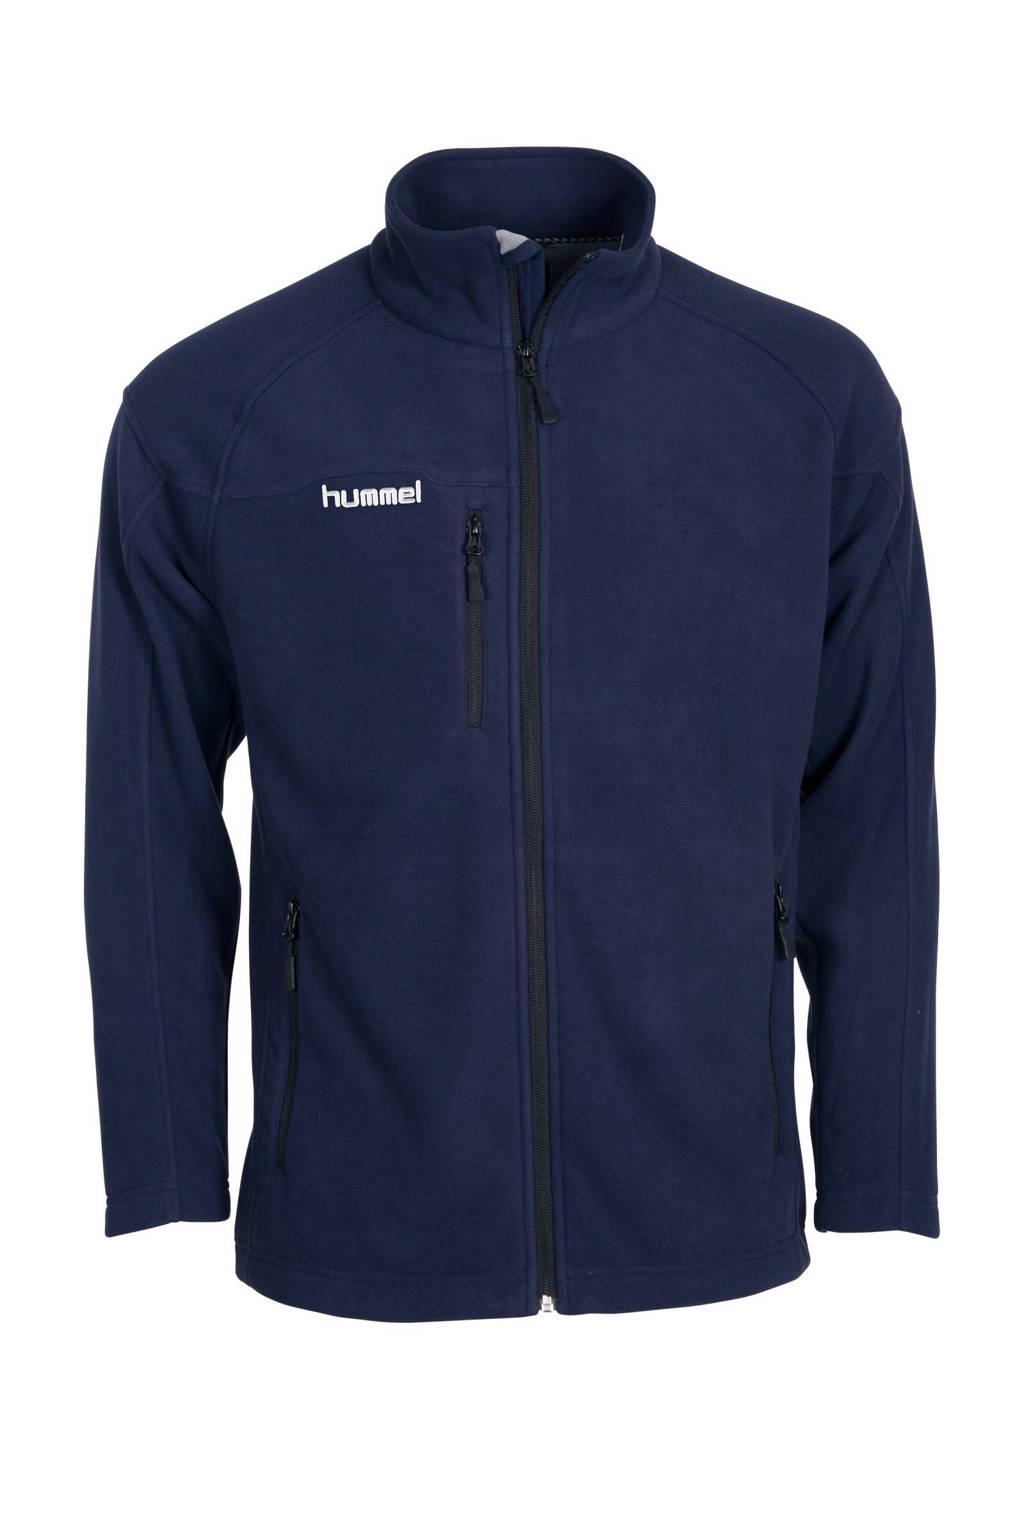 hummel   fleece vest, Donkerblauw